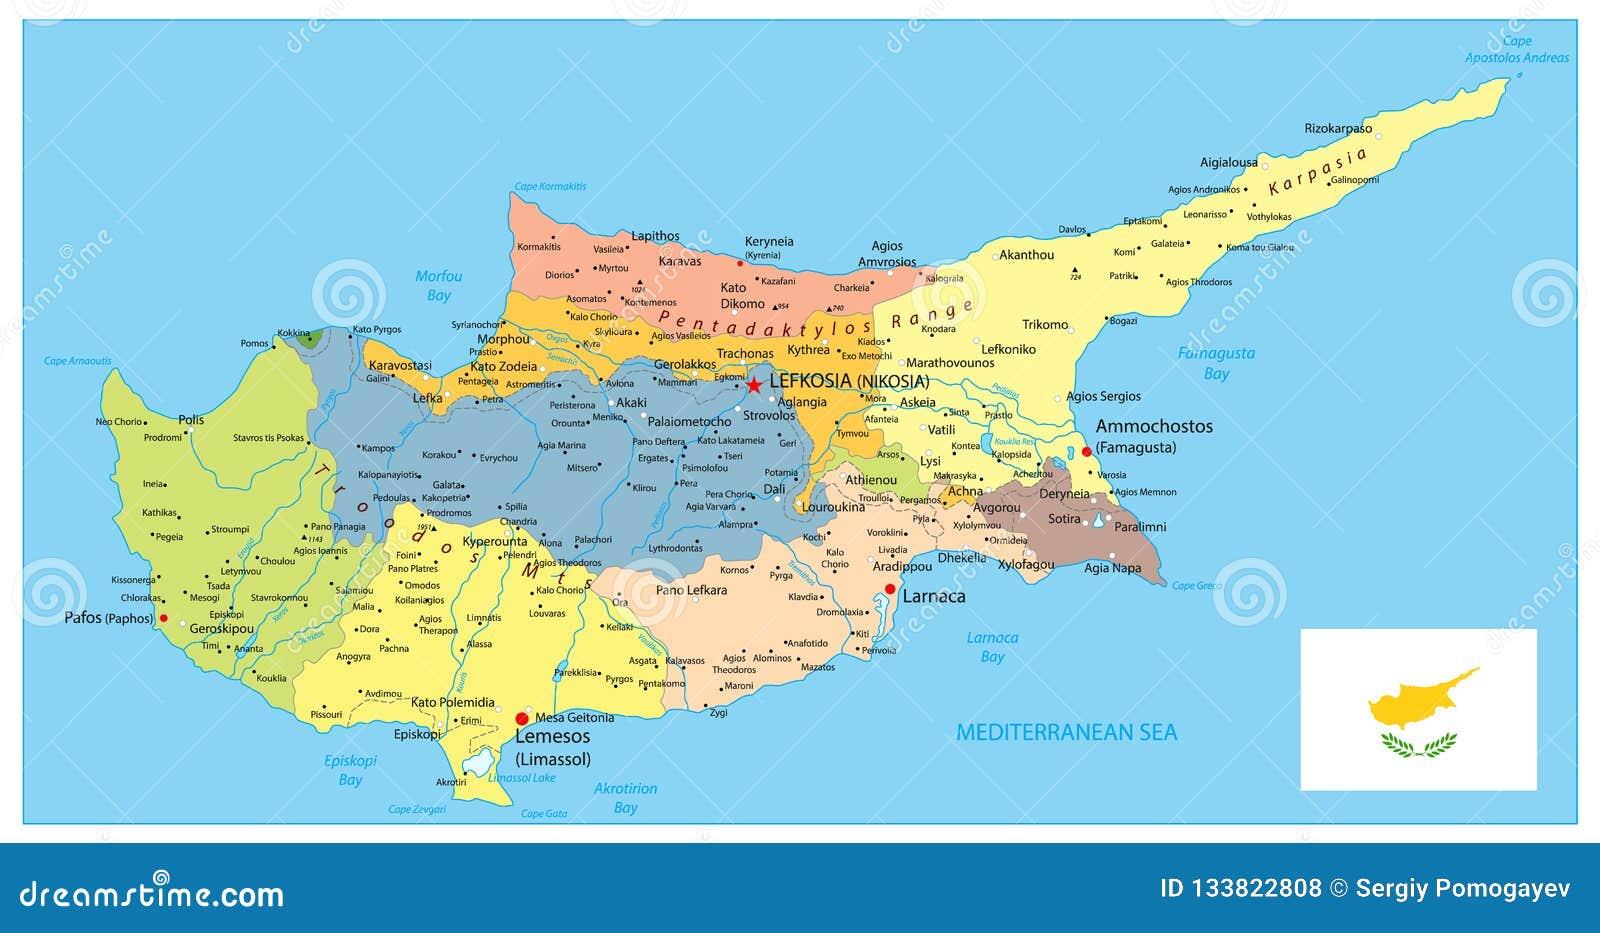 Politikos Xarths Ths Kyproy Dianysmatikh Apeikonish Eikonografia